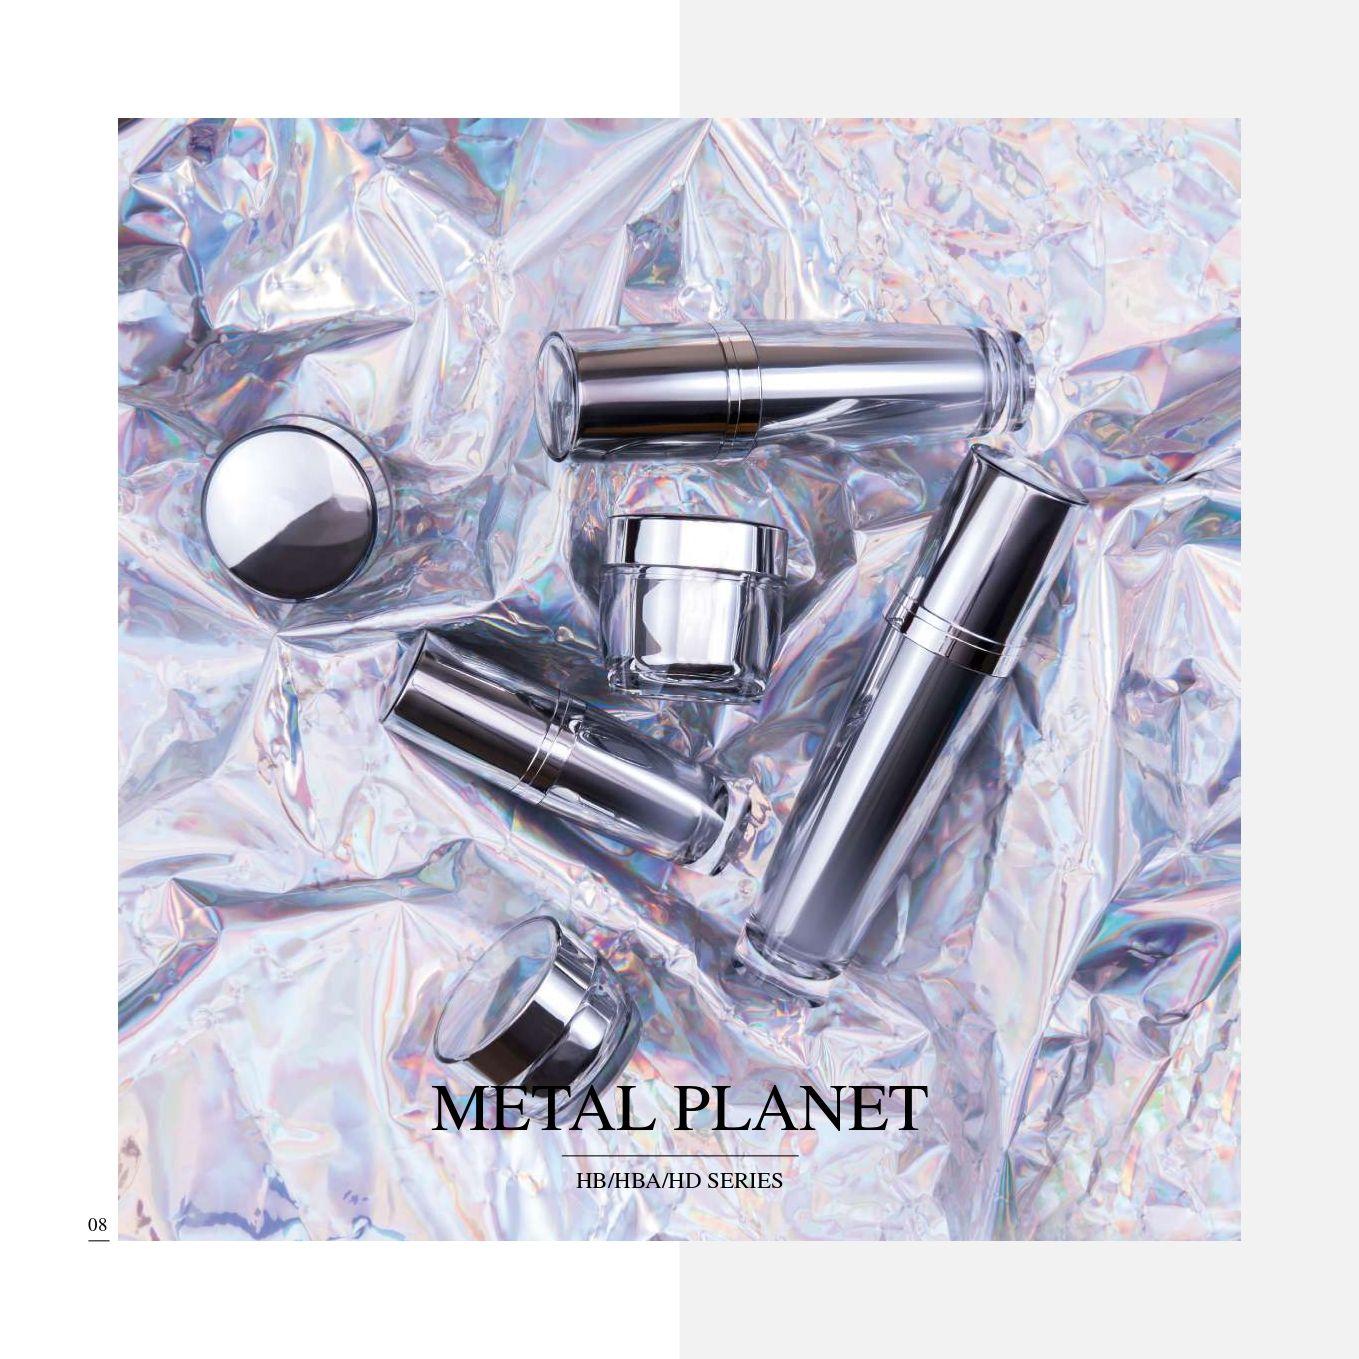 redondo Forma Acrílico Lujo Cosmético y Cuidado de la Piel Envase - Serie Metal Planet - Cosmético Envase Colección - Metal Planet